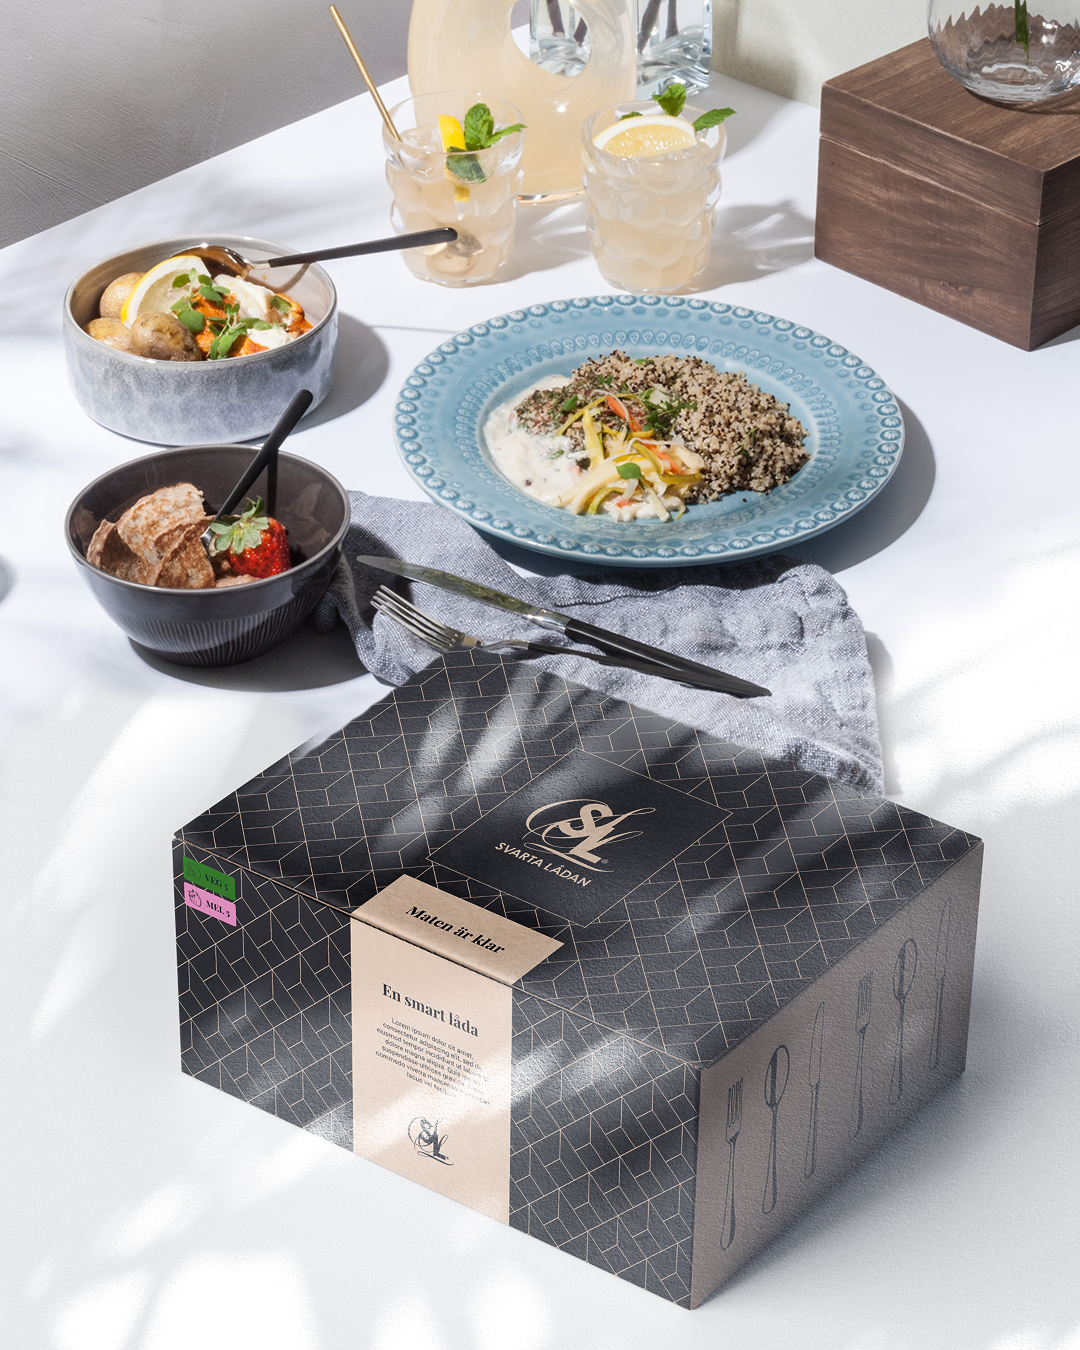 Svarta Lådan bild med mat och låda för leverans